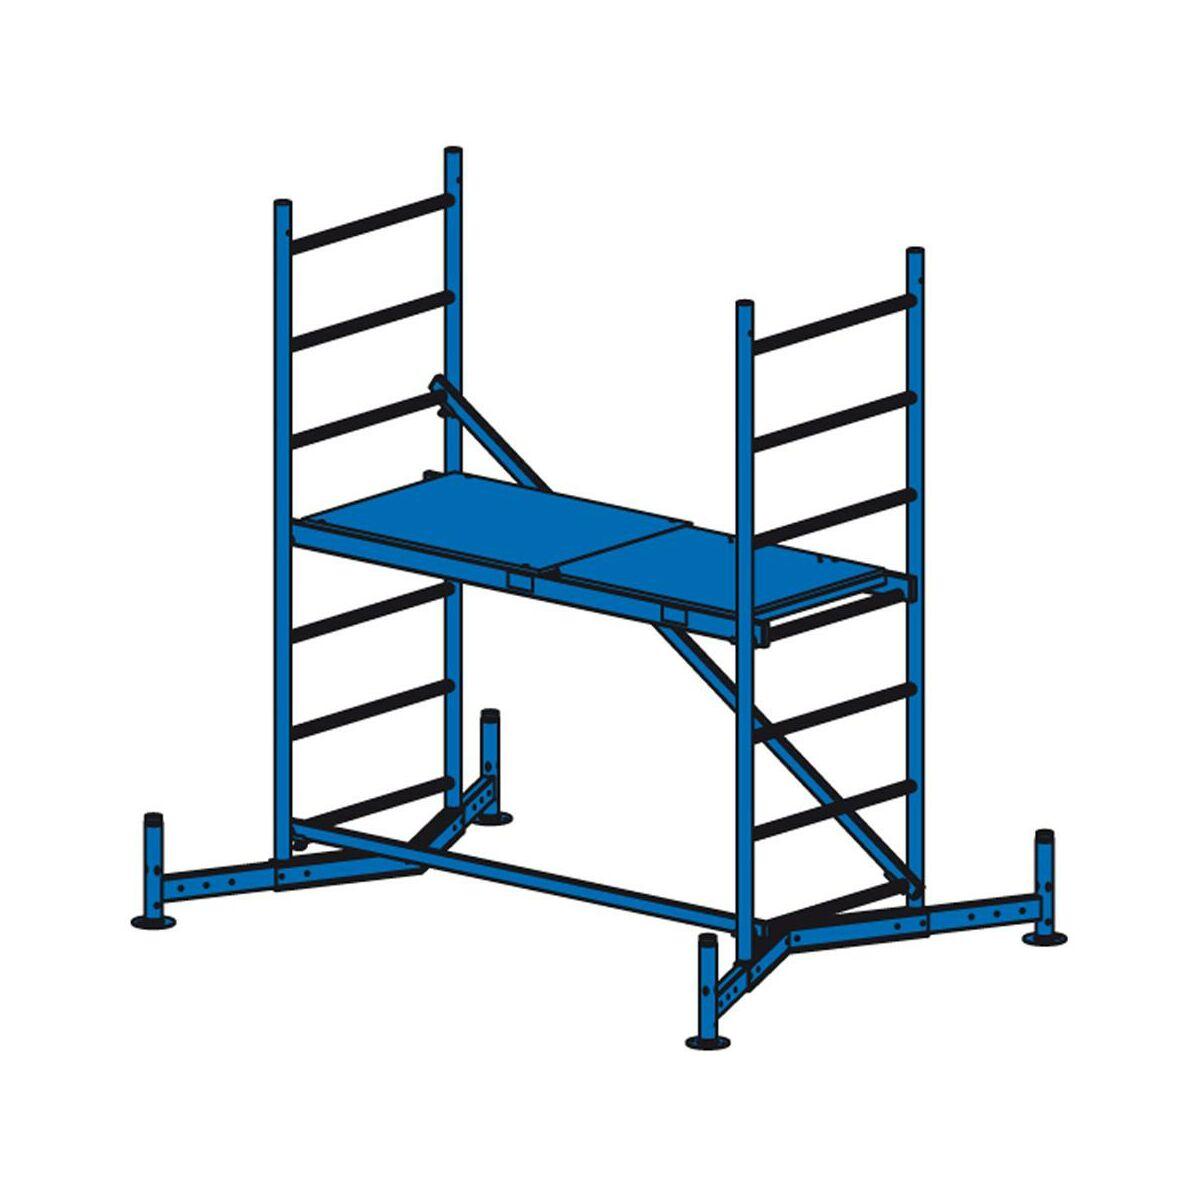 Podstawa Rusztowania Climtec 3 M Krause Rusztowania W Atrakcyjnej Cenie W Sklepach Leroy Merlin